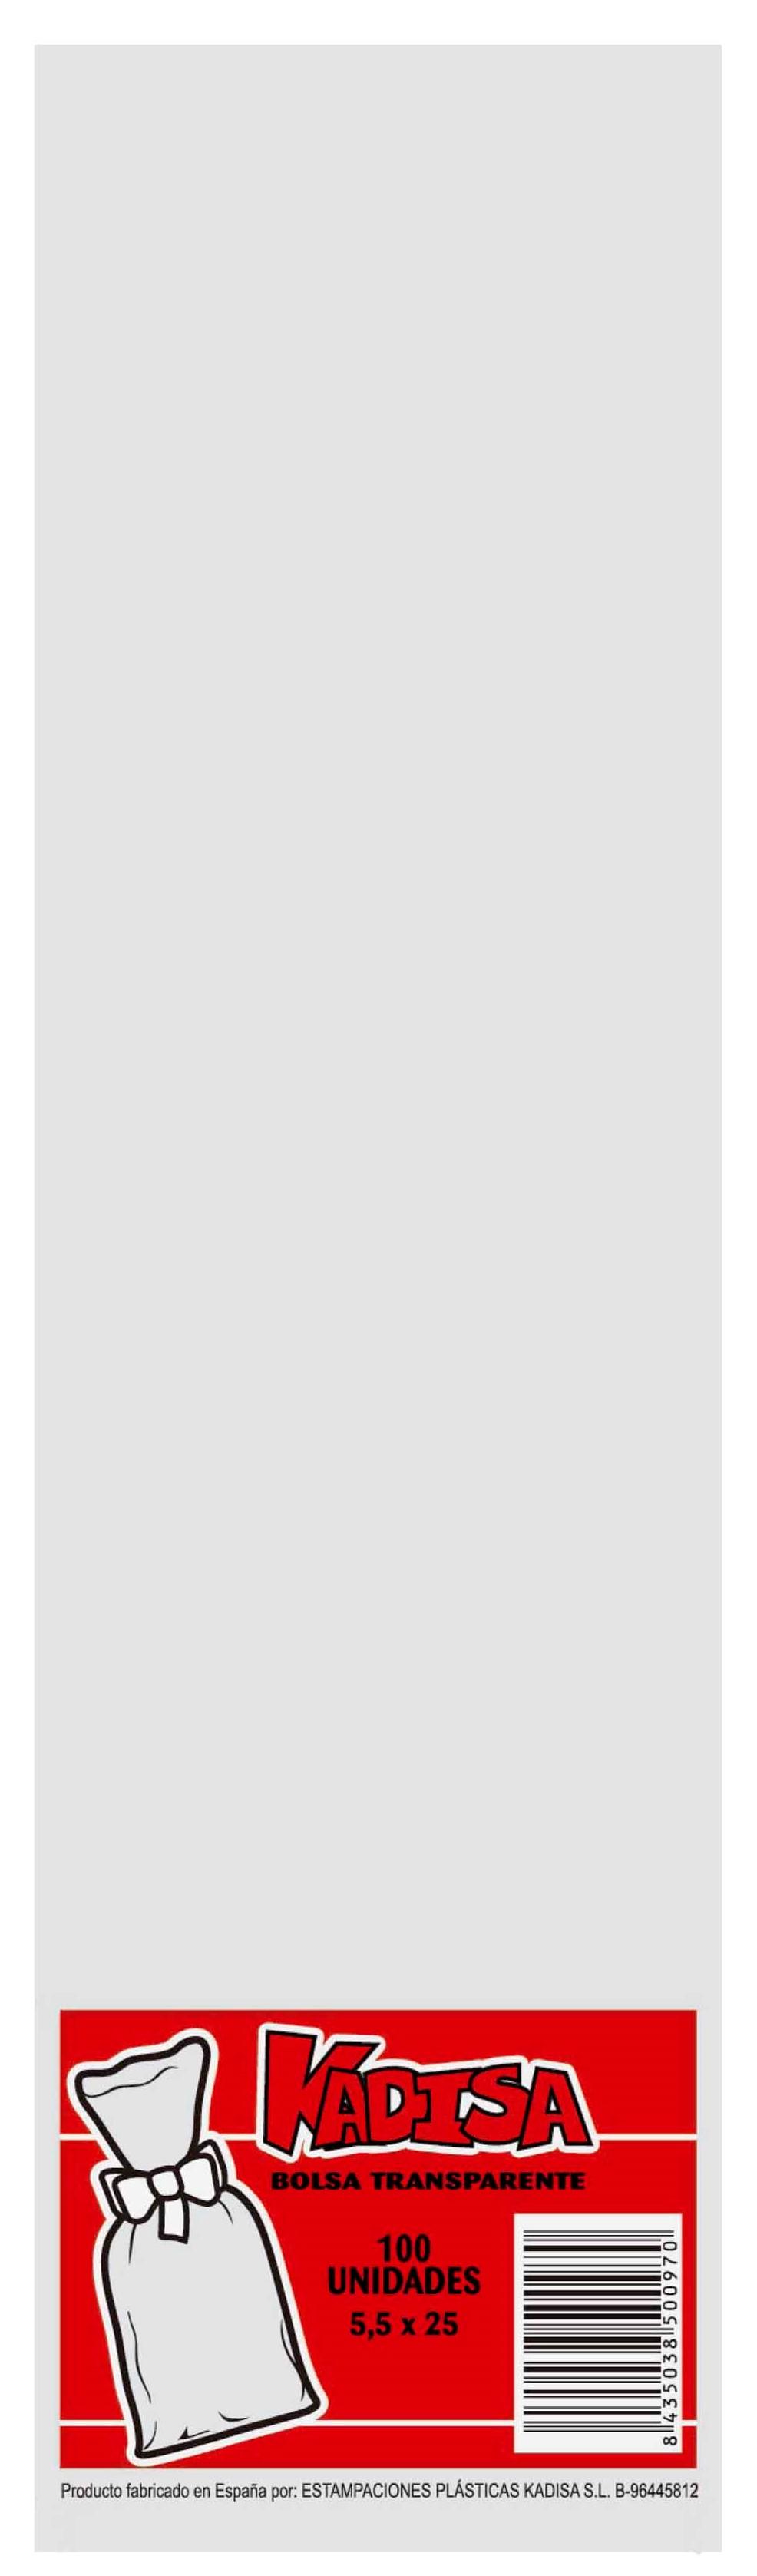 40779 Bolsa Cristal Transparente 5,5X25 Image